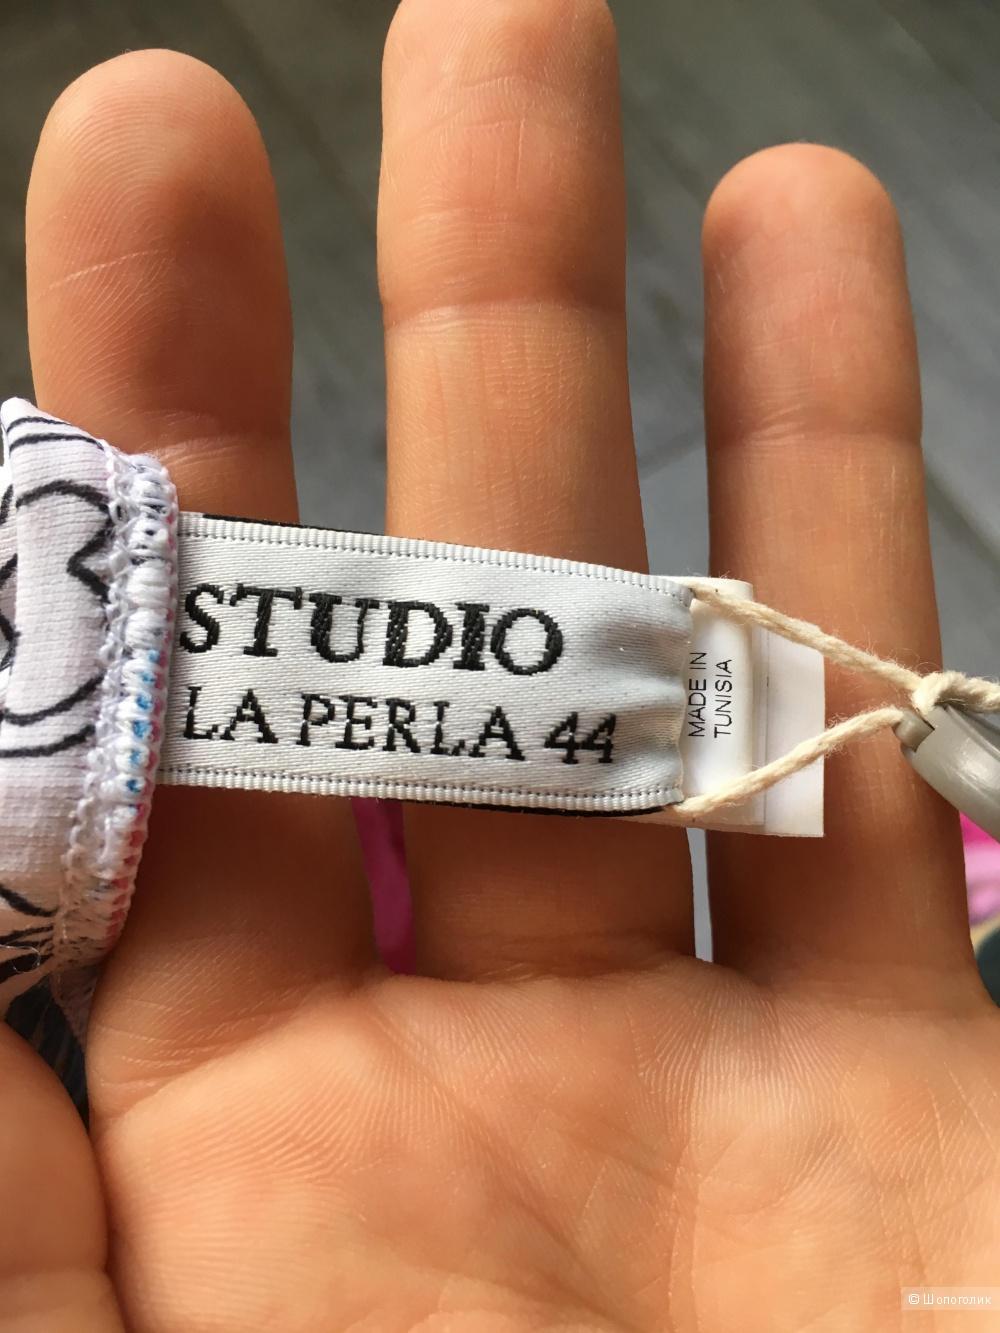 Купальник La Perla Studio, 44 размер